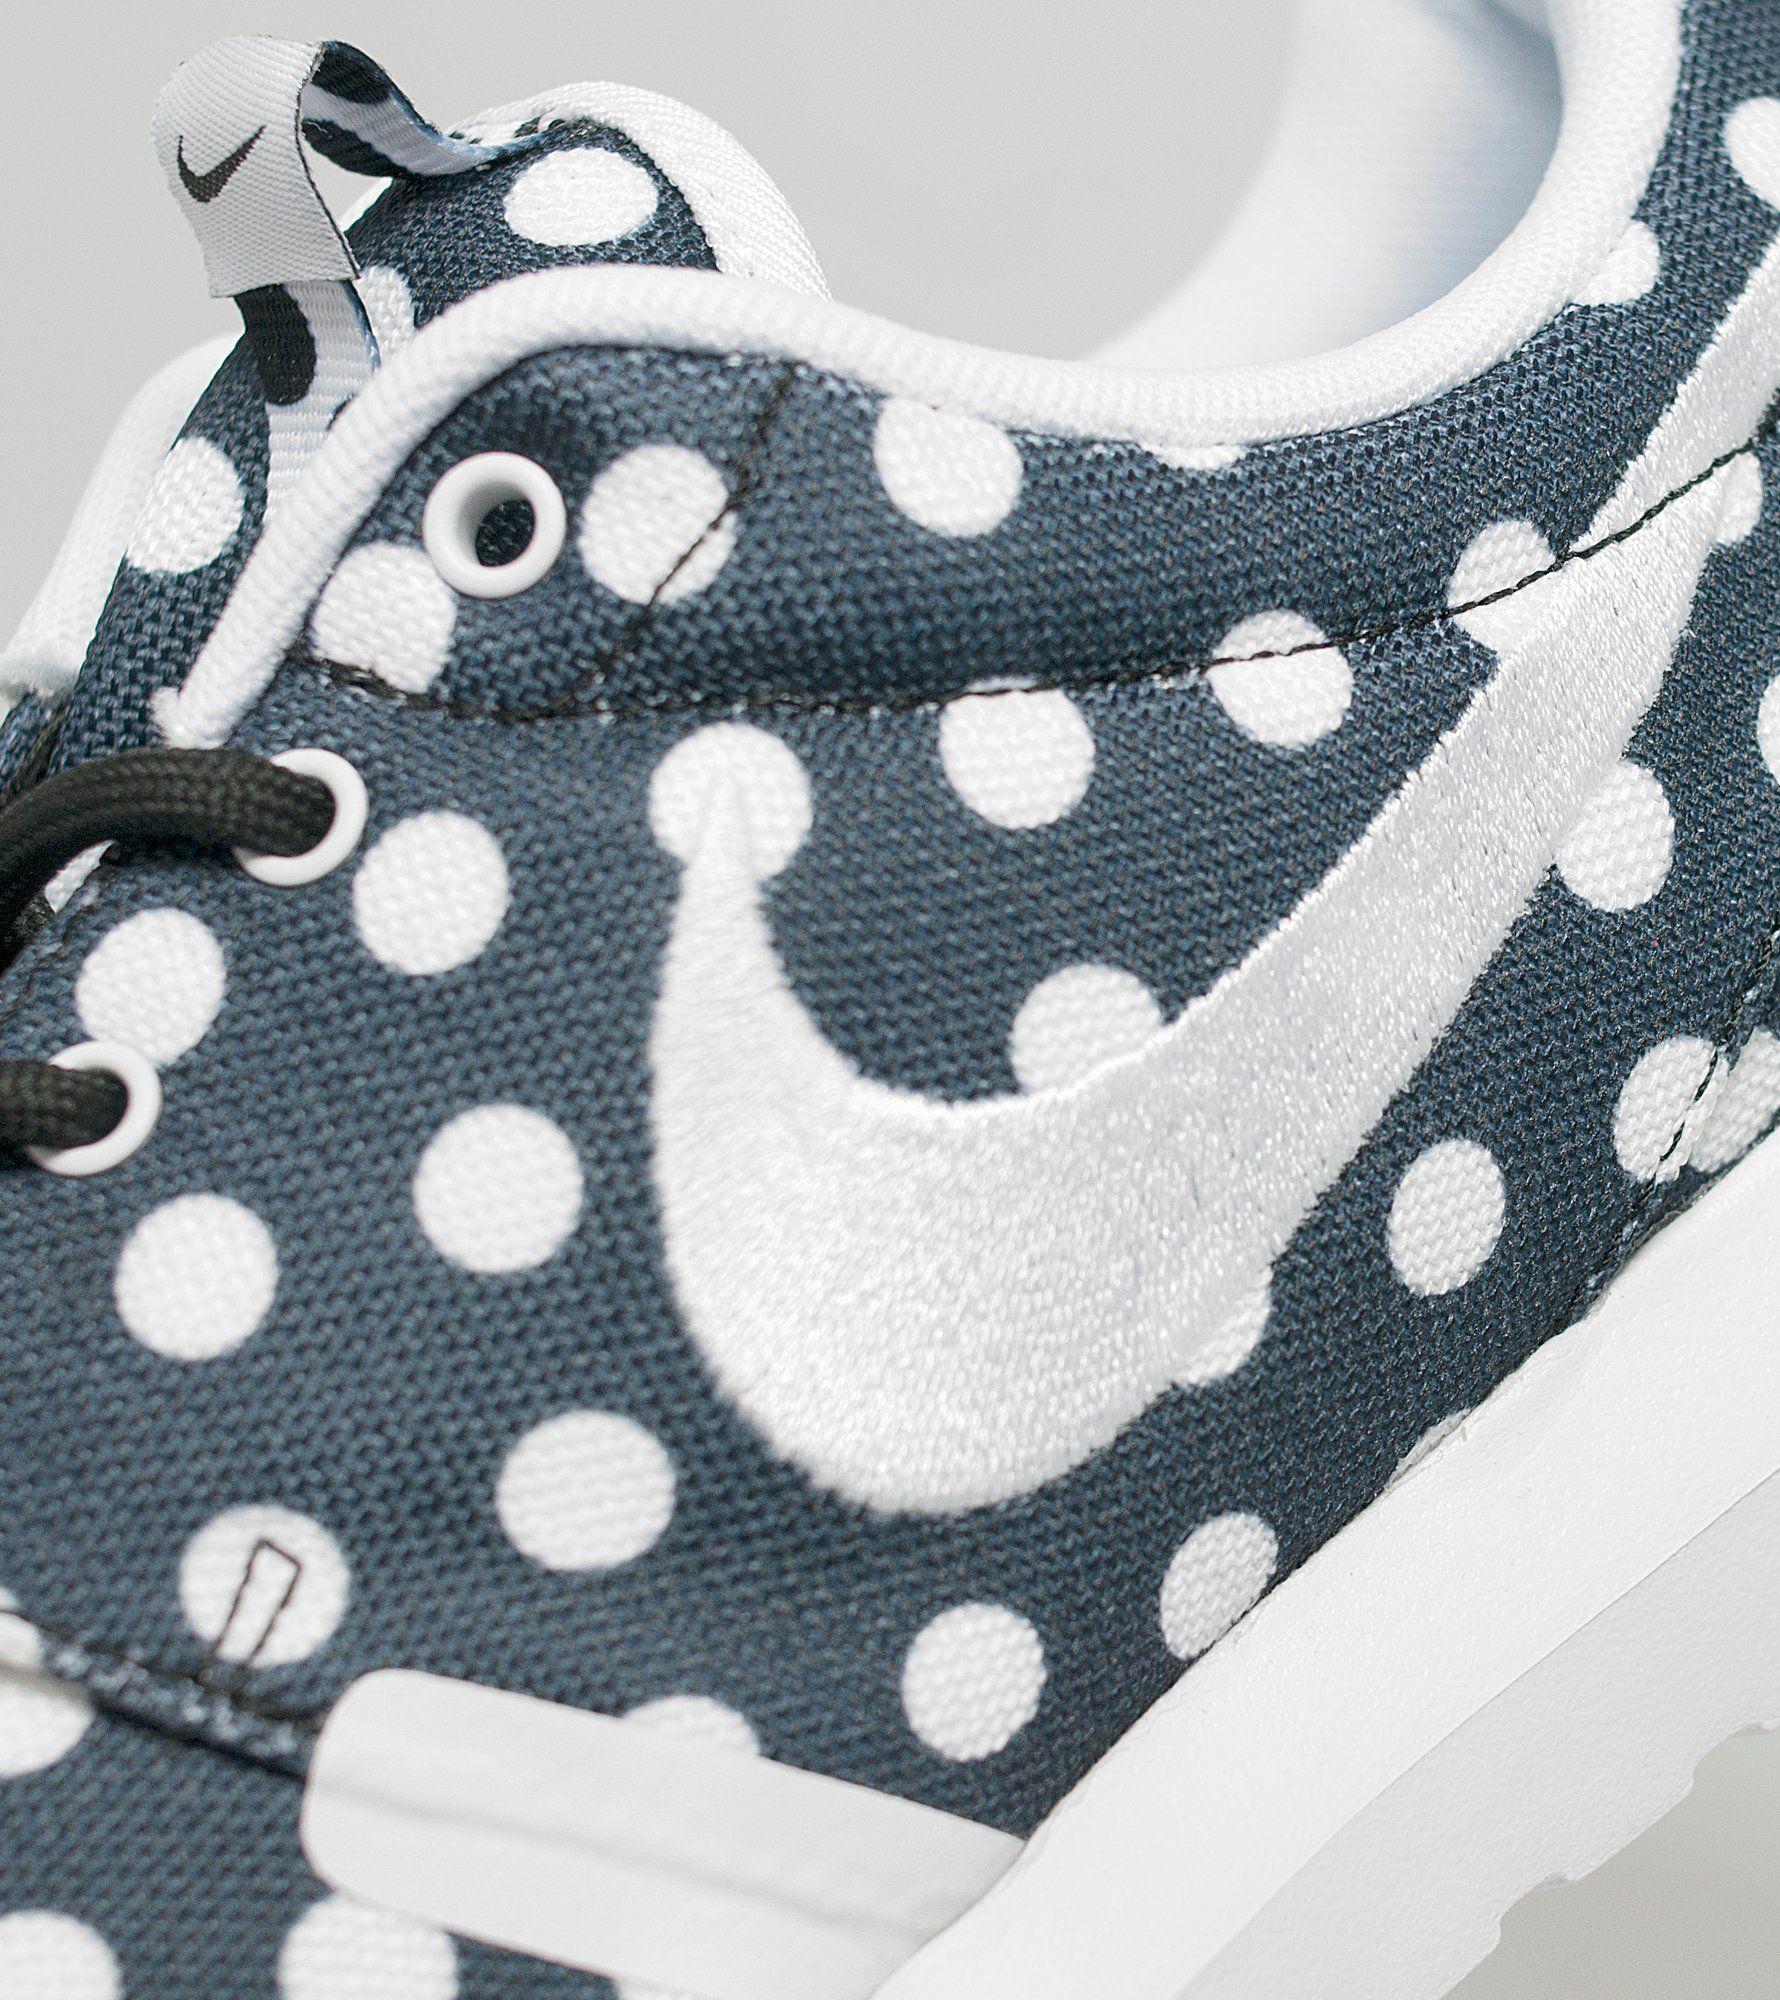 zampz Nike Roshe One NM QS \'Polkadot Pack\'   Size?